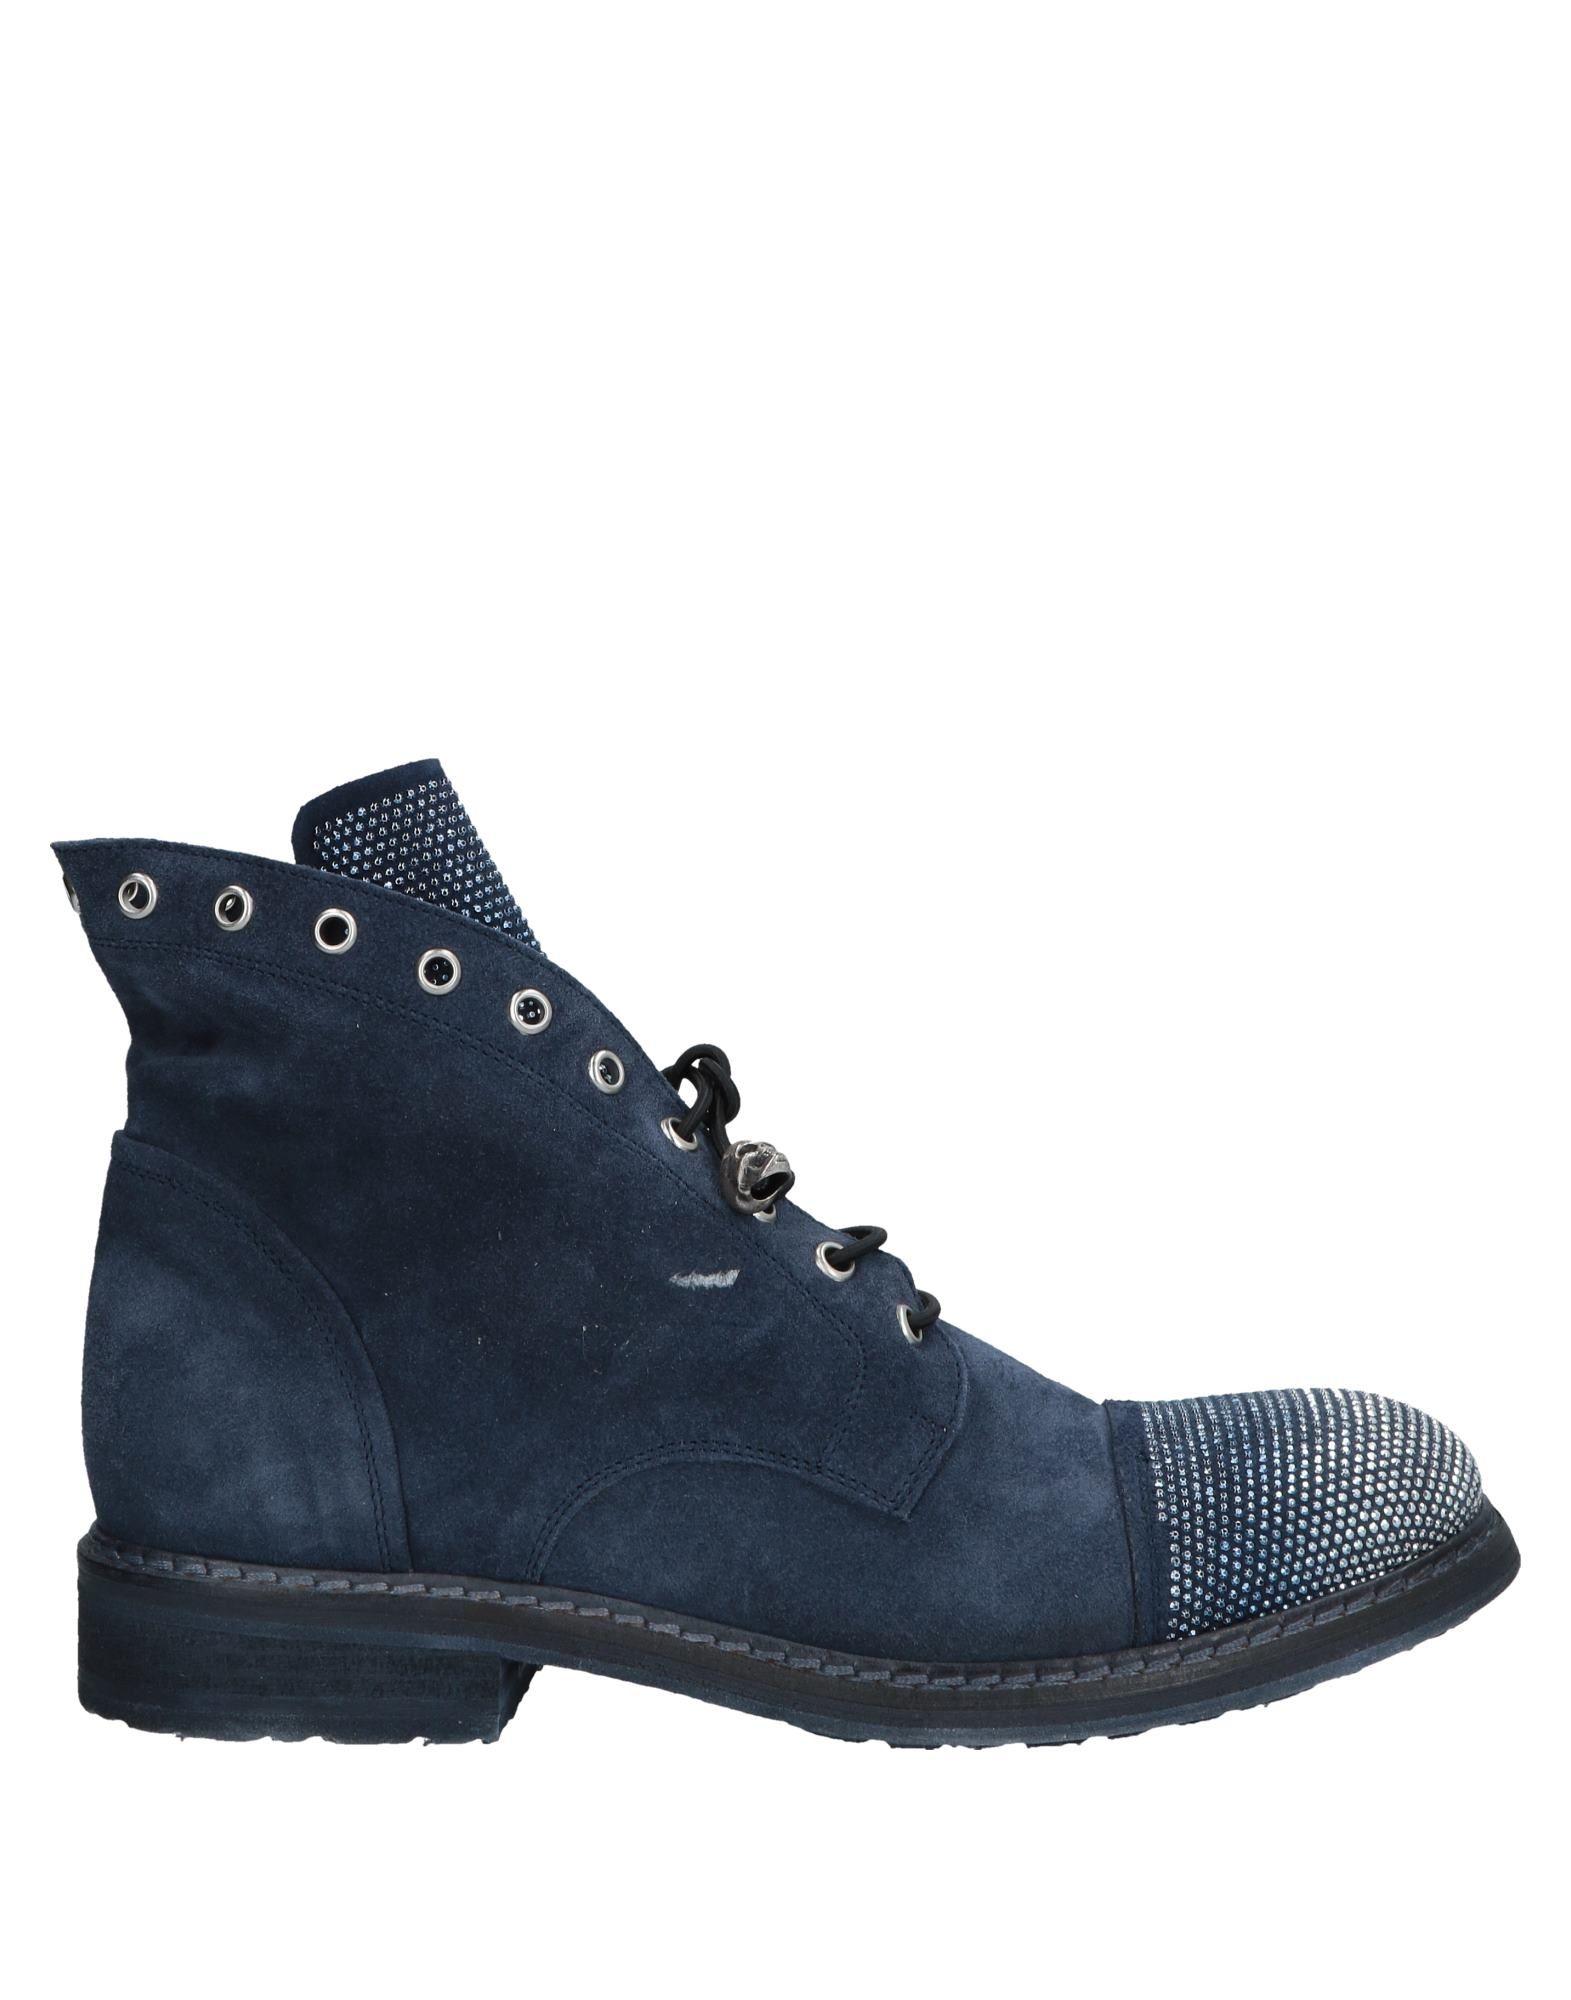 Bottine Garrice Femme - Bottines Garrice Bleu foncé Chaussures femme pas cher homme et femme